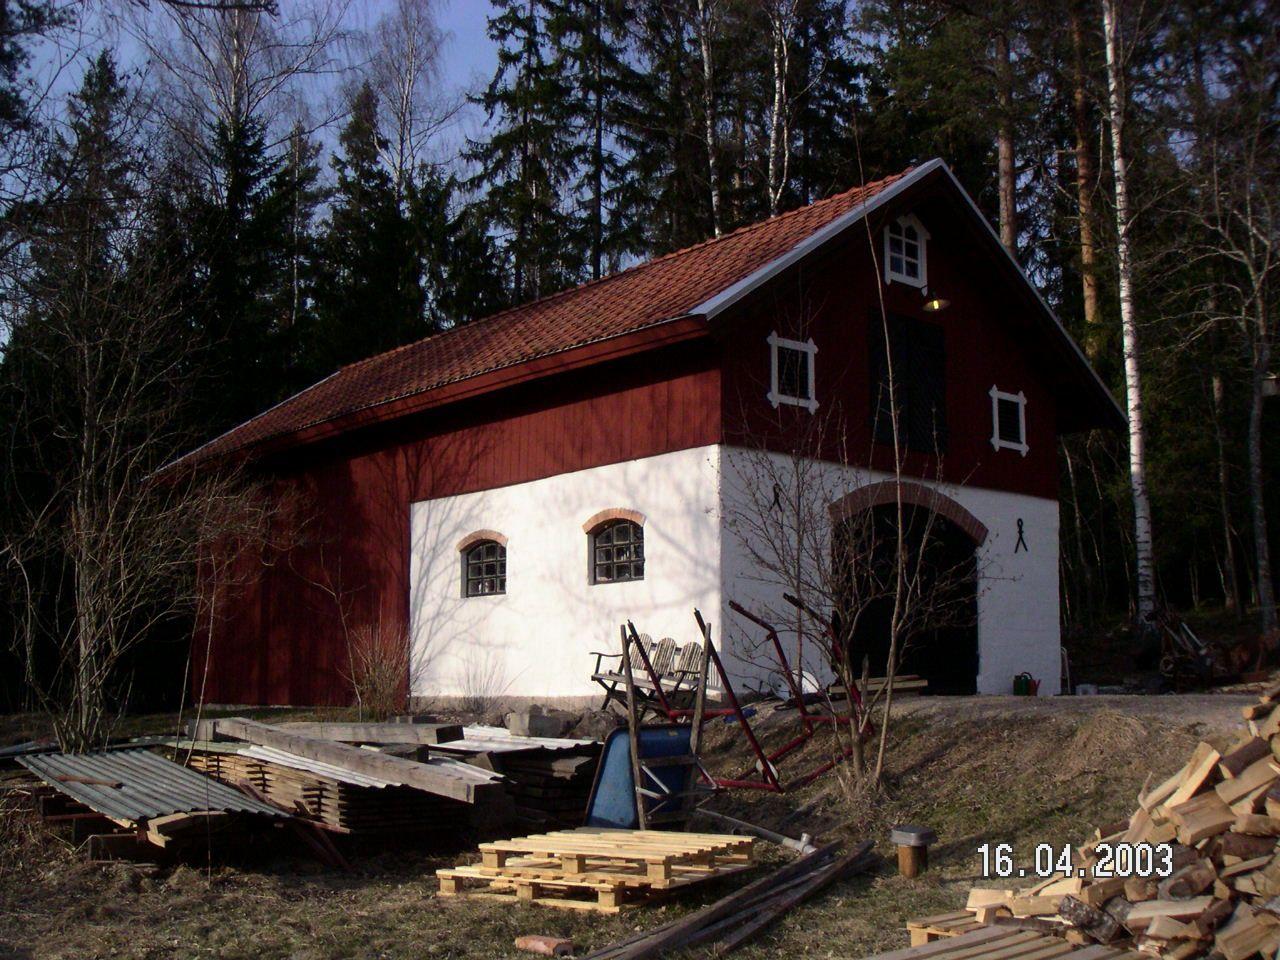 bygga nytt hus i gammal stil - Sök på Google   Bygga hus   Pinterest